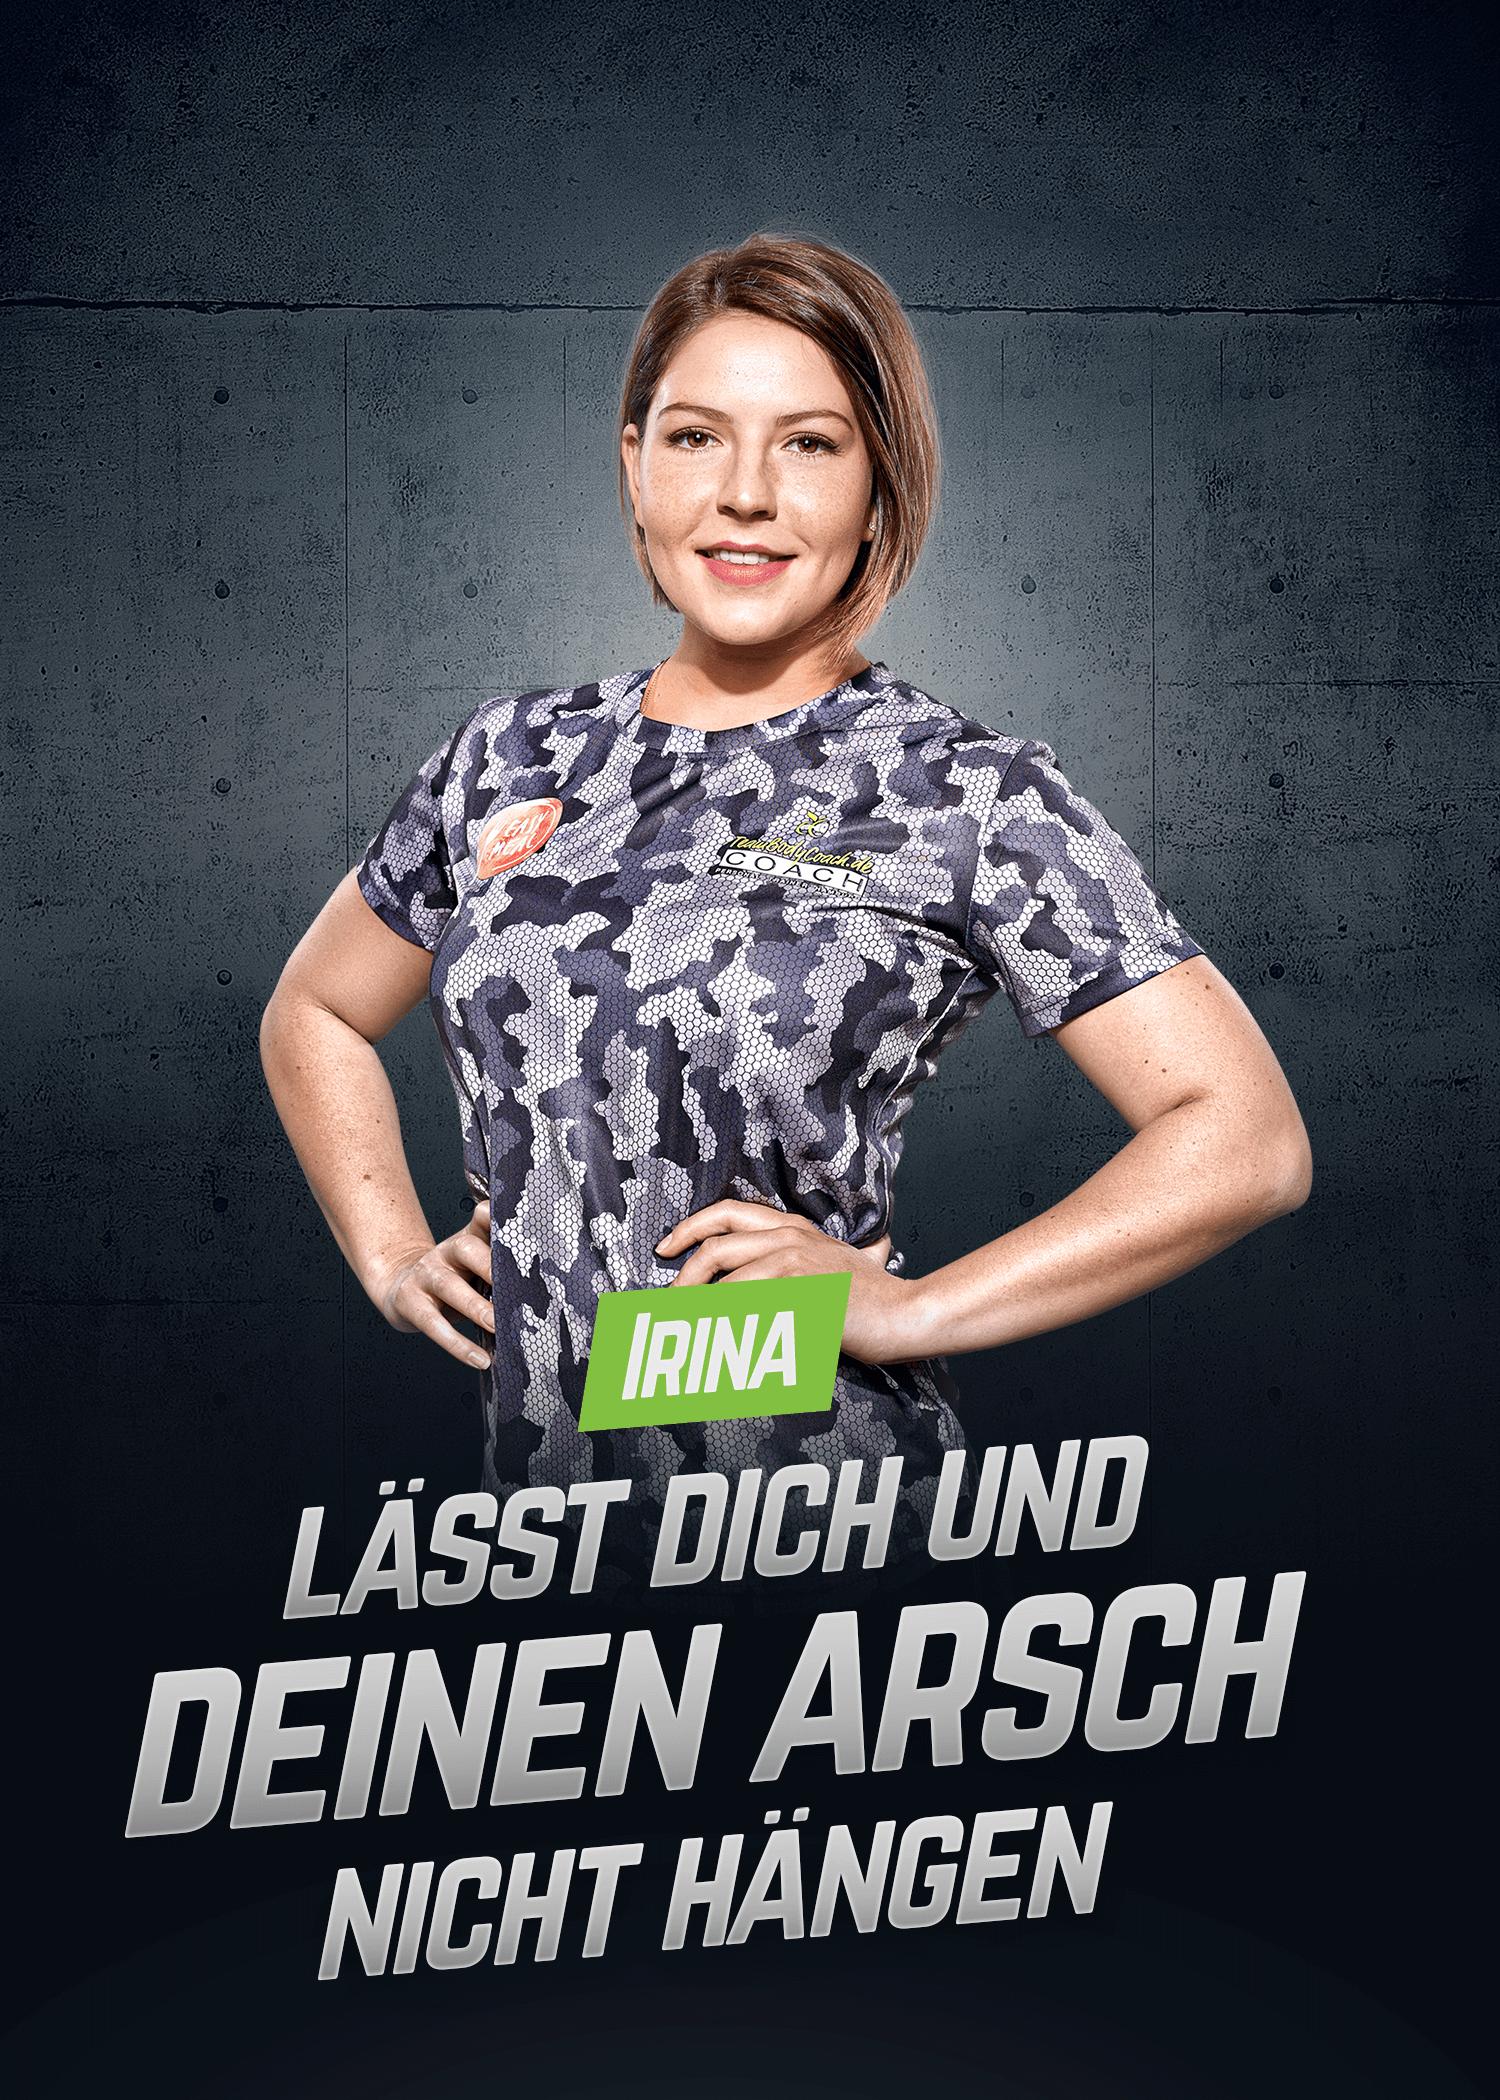 Personal Fitness Trainer Irina lässt dich und deinen Arsch nicht hängen